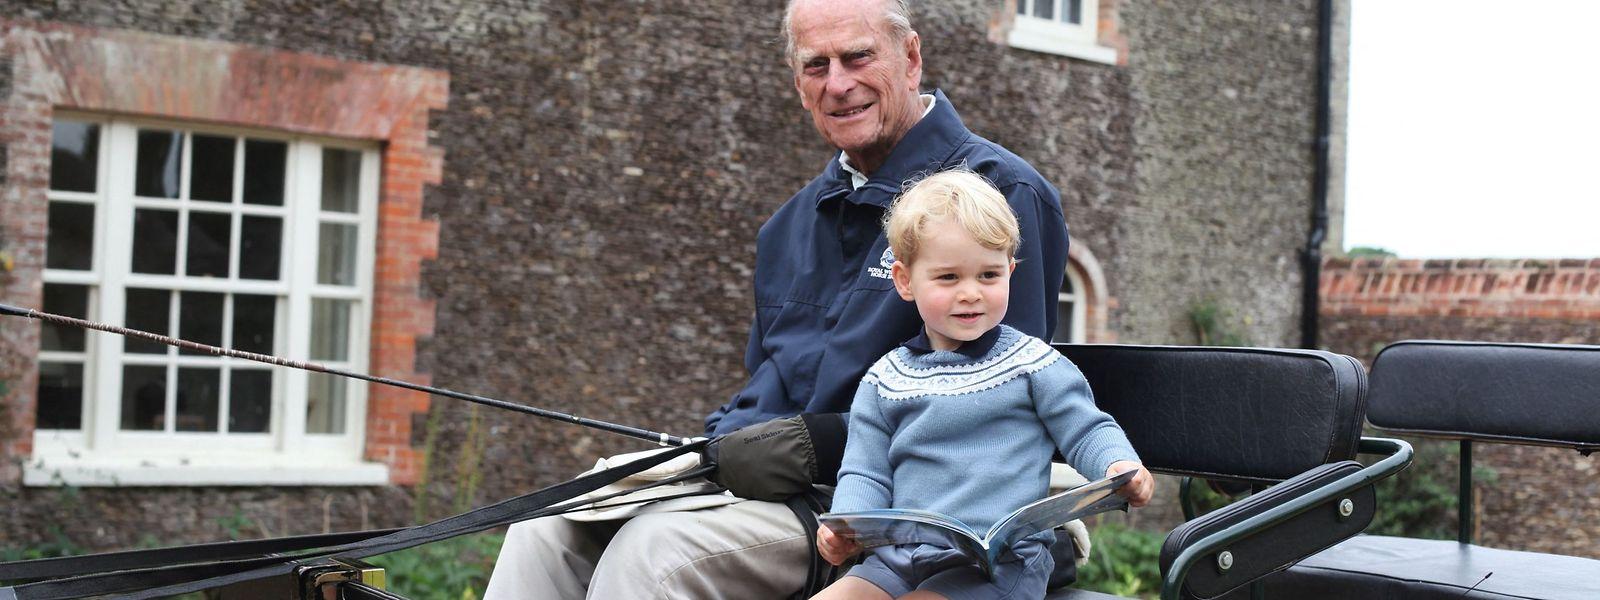 Prinz George wird von seinem Urgroßvater Prinz Philip in der Kutsche abgeholt. Der Schnappschuss wurde von Herzogin Katherine festgehalten.